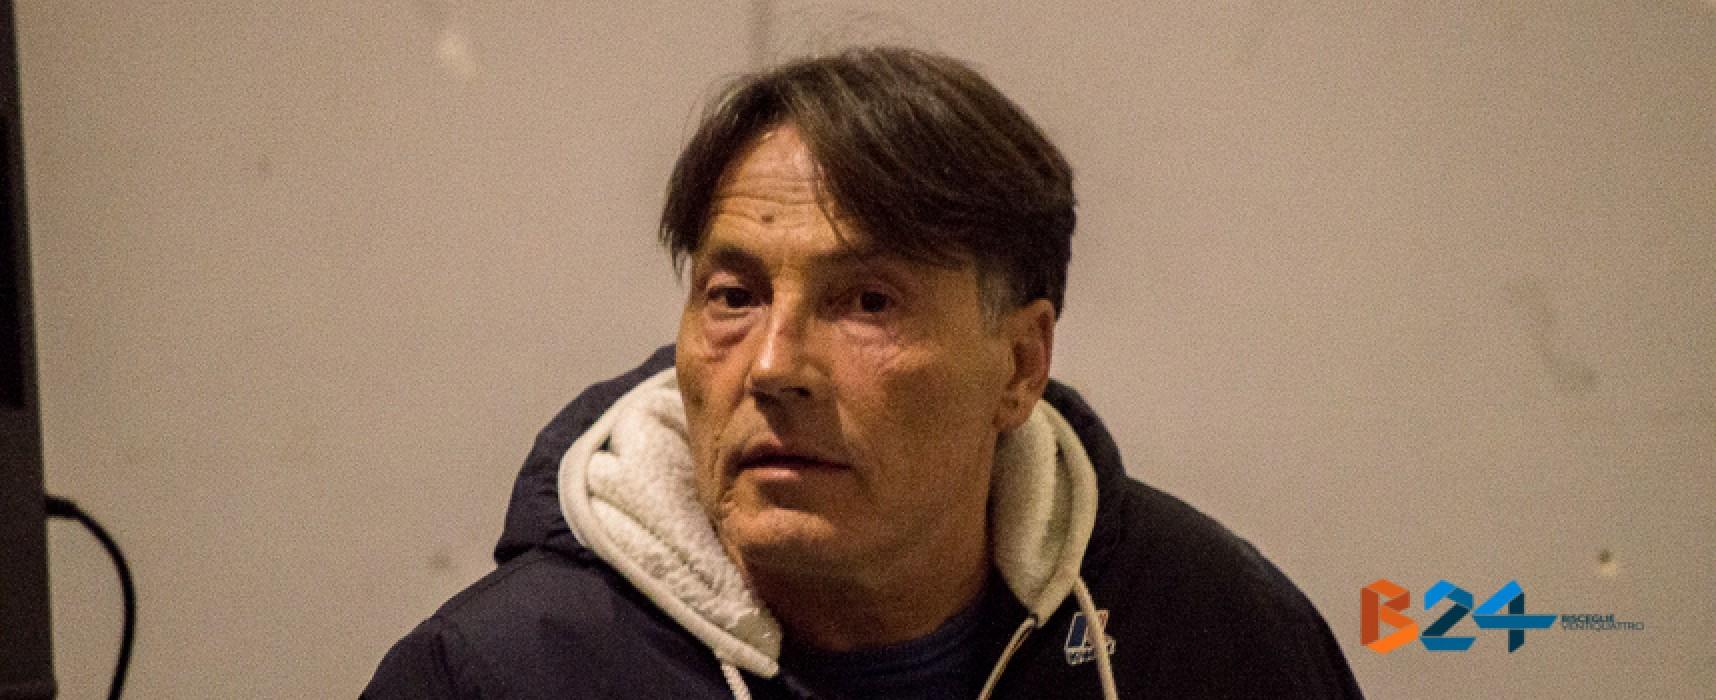 Pietro Innocenti prende il posto della neo assessora Barra in consiglio comunale